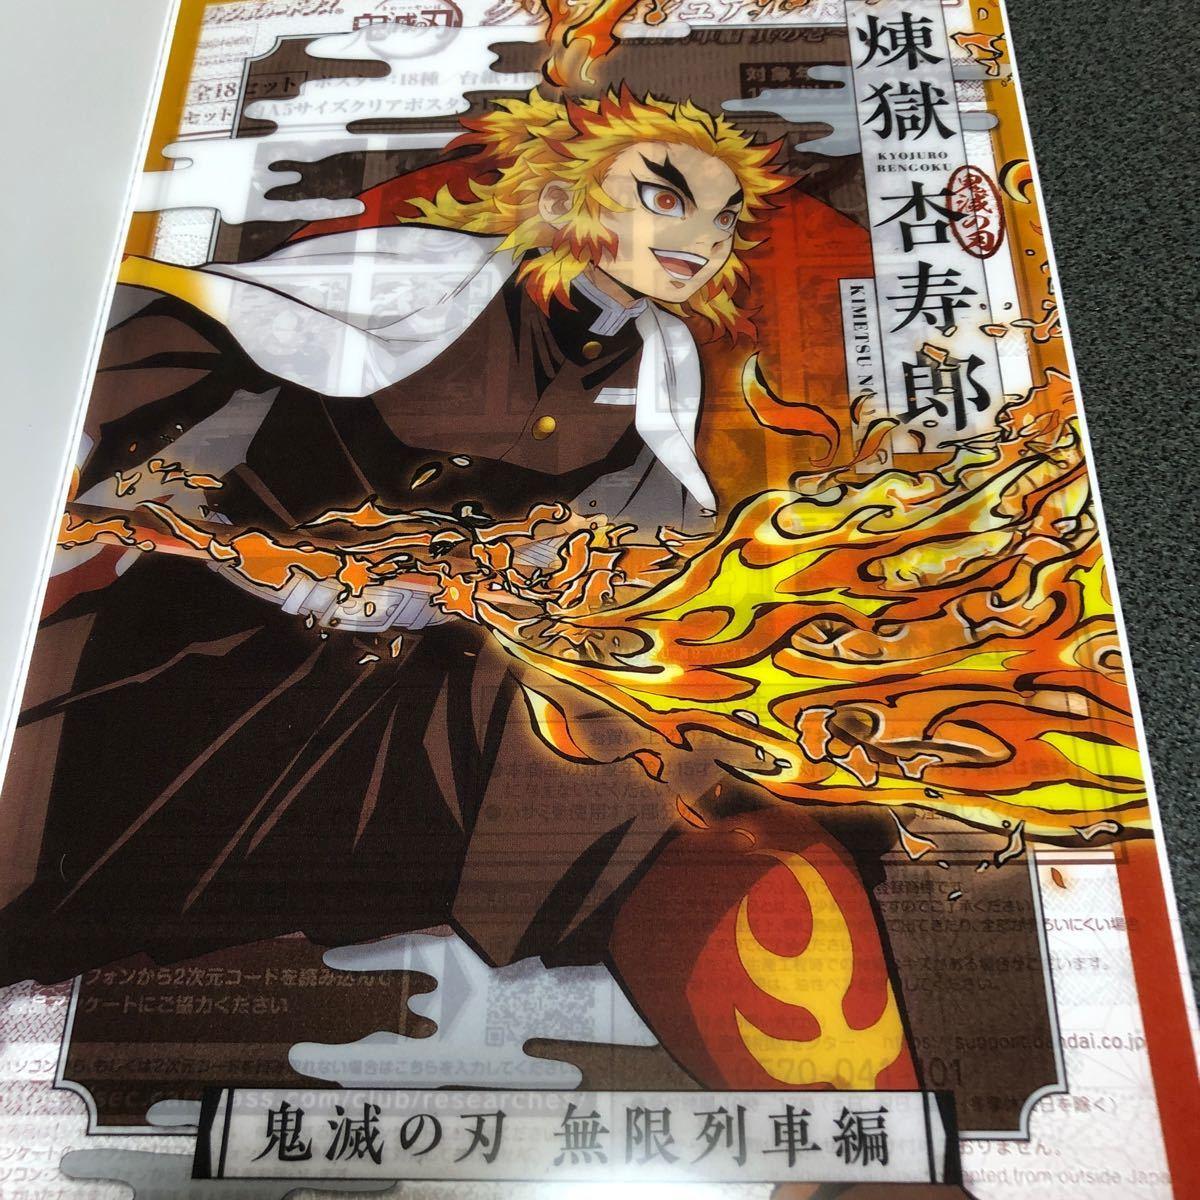 鬼滅の刃 クリアビジュアルポスター 無限列車編 煉獄杏寿郎